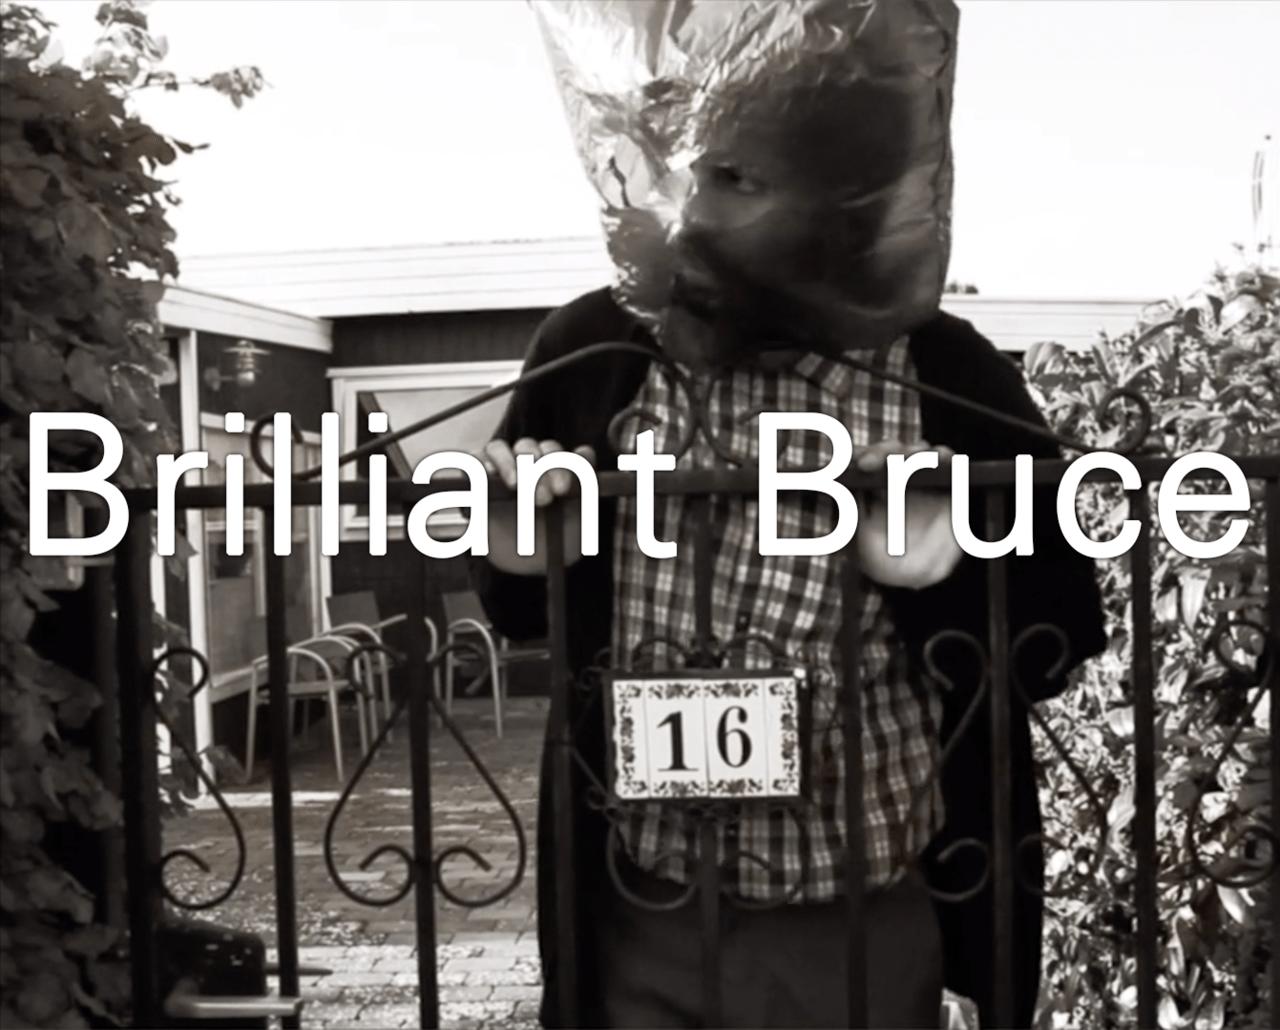 Brilliant Bruce